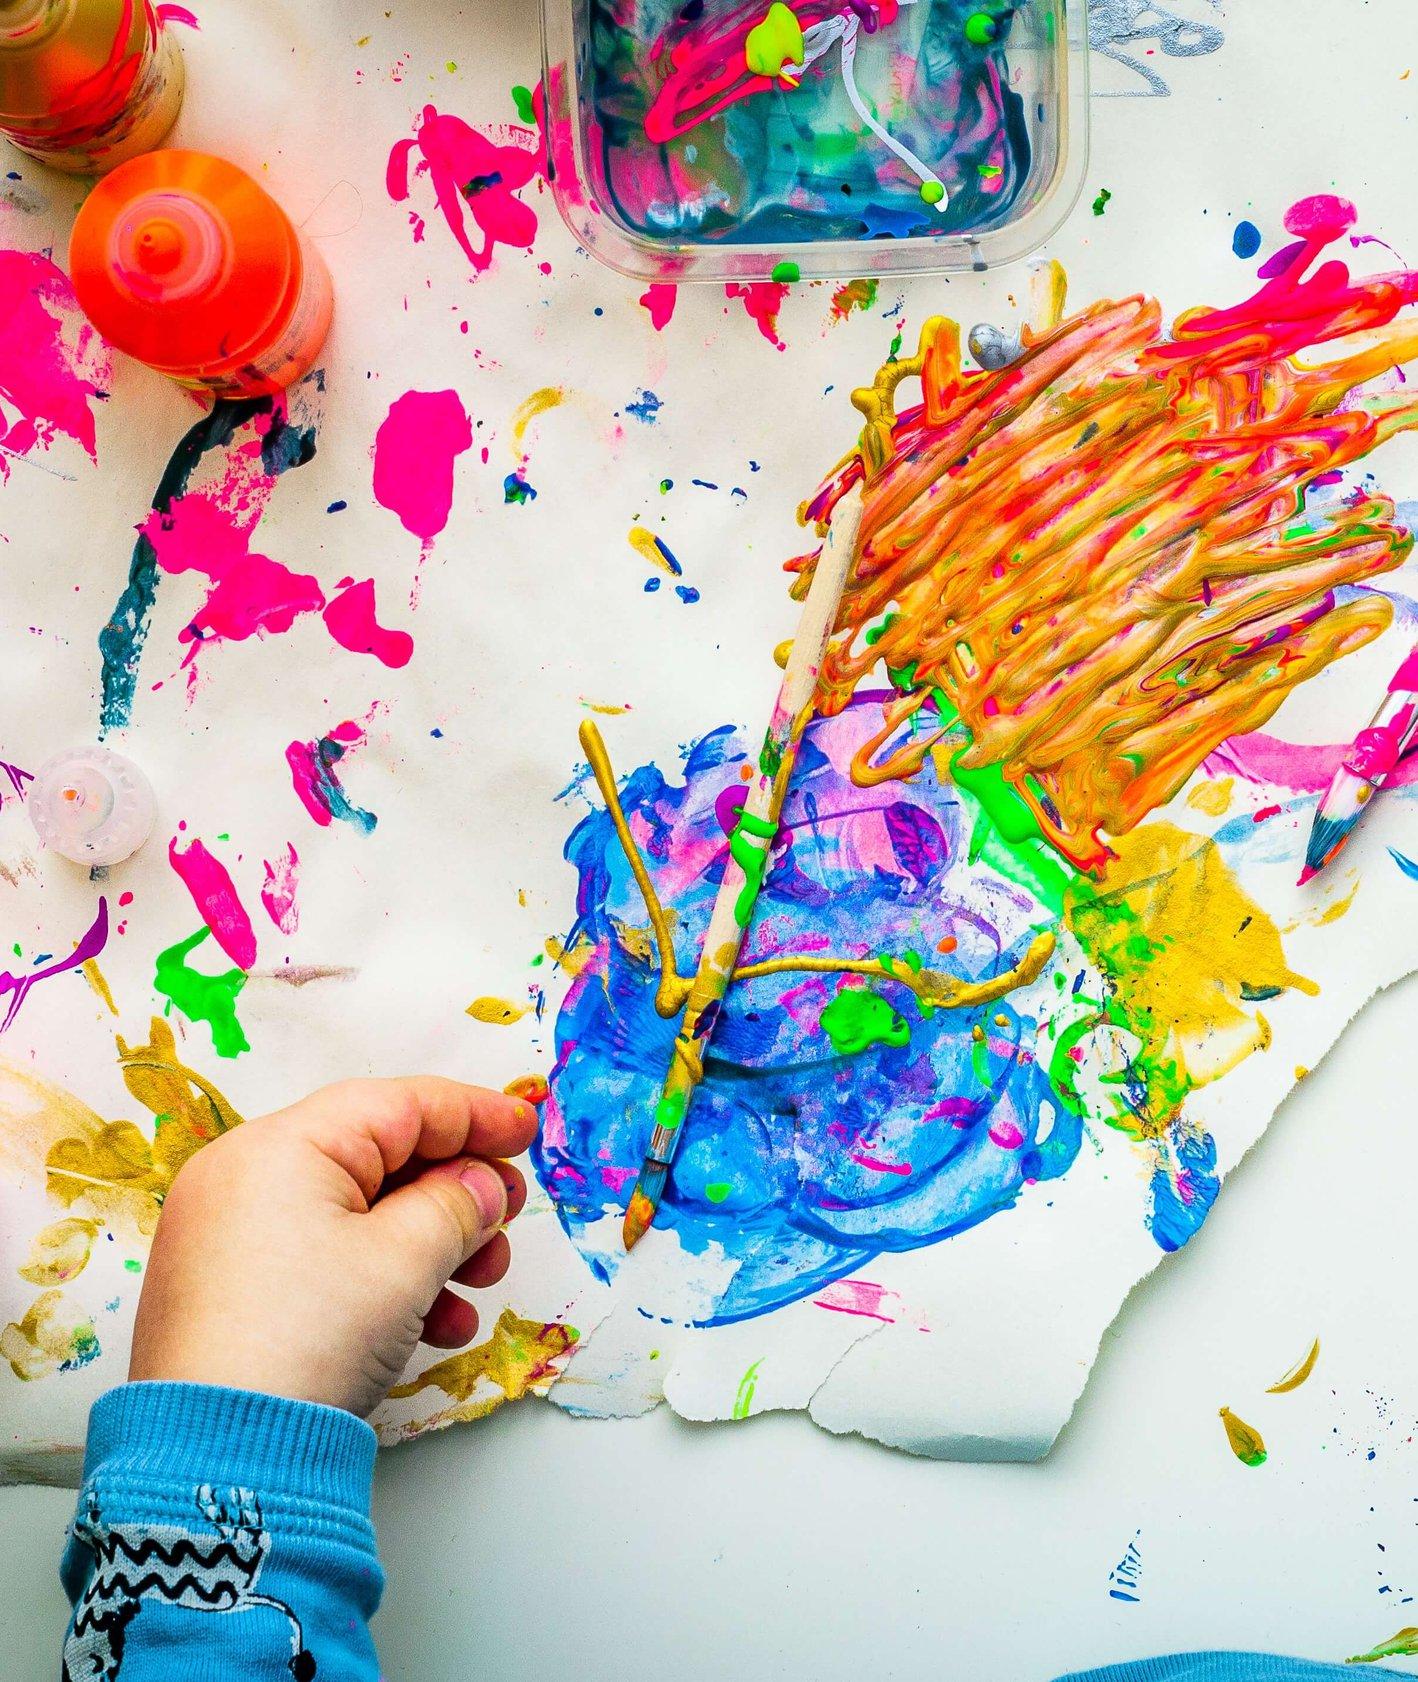 Dziecko malujące kredkami i farbami